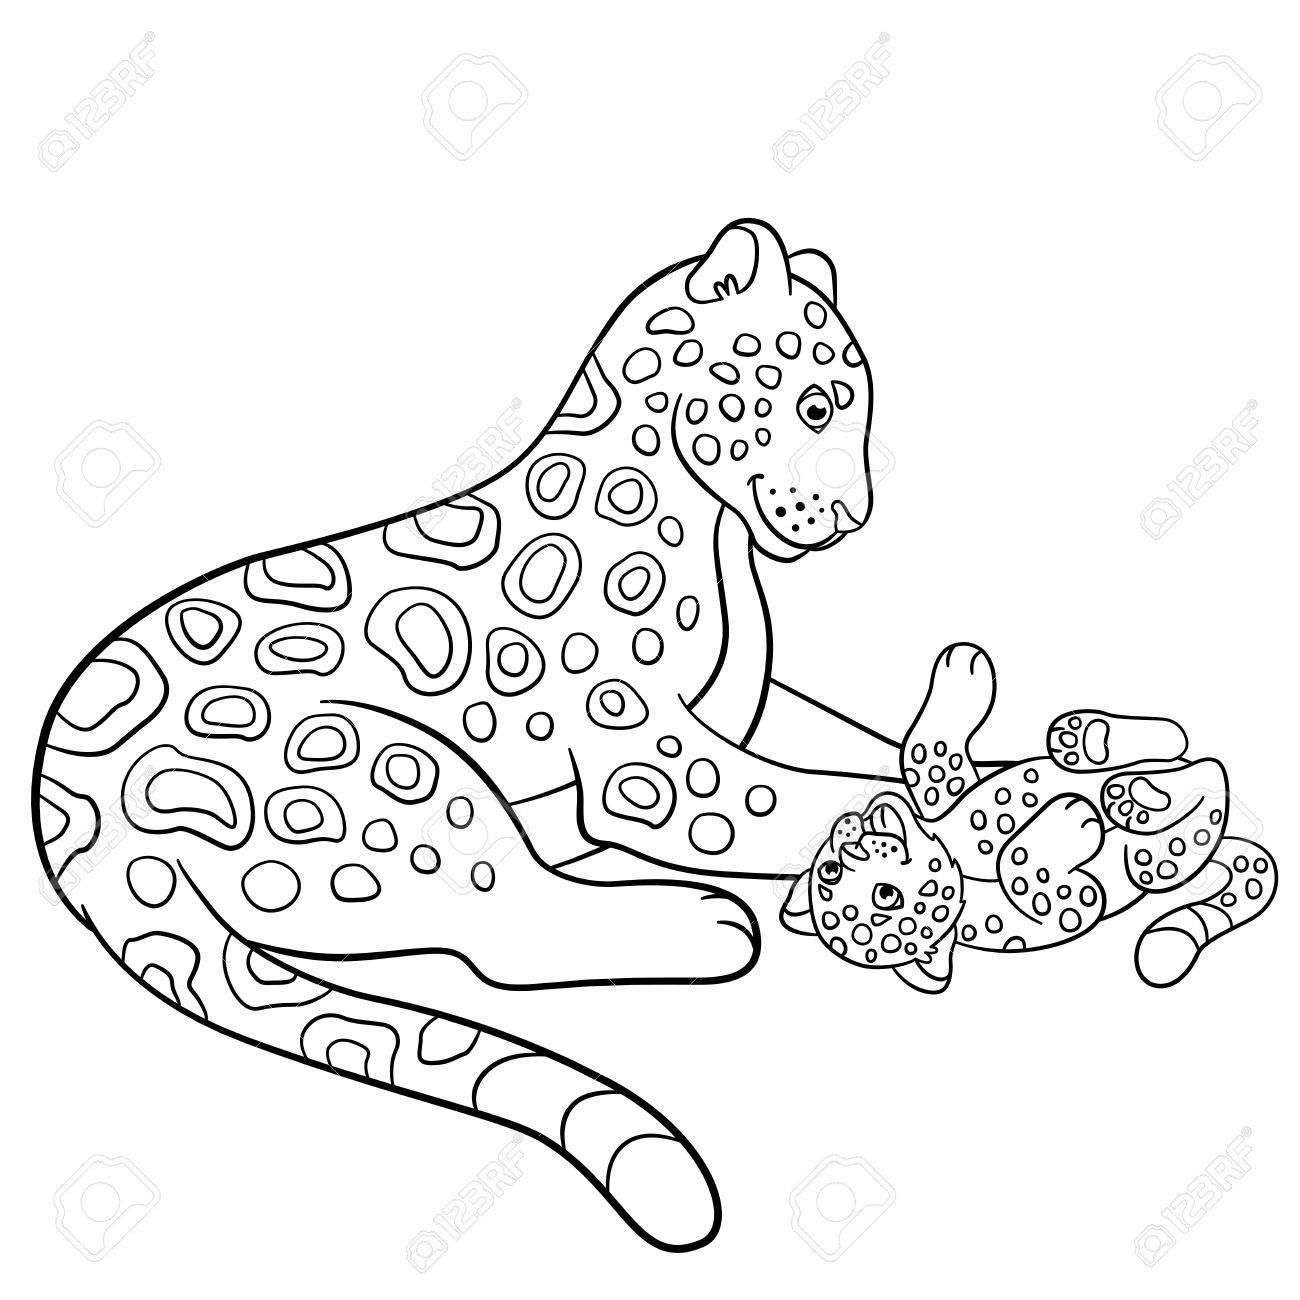 Malvorlagen. Mutter Jaguar Mit Ihrem Kleinen Süßen Jungen ...